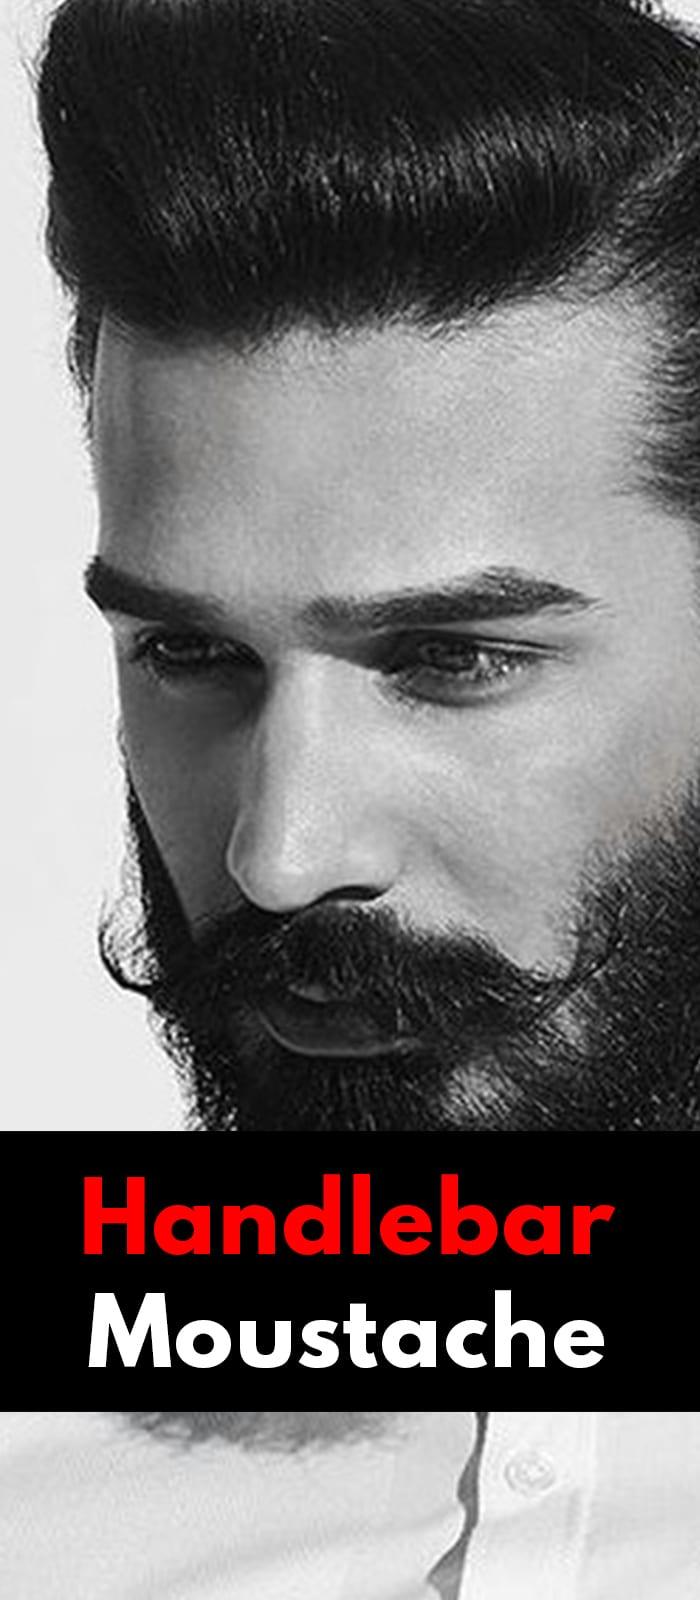 Handlebar Moustache For Men